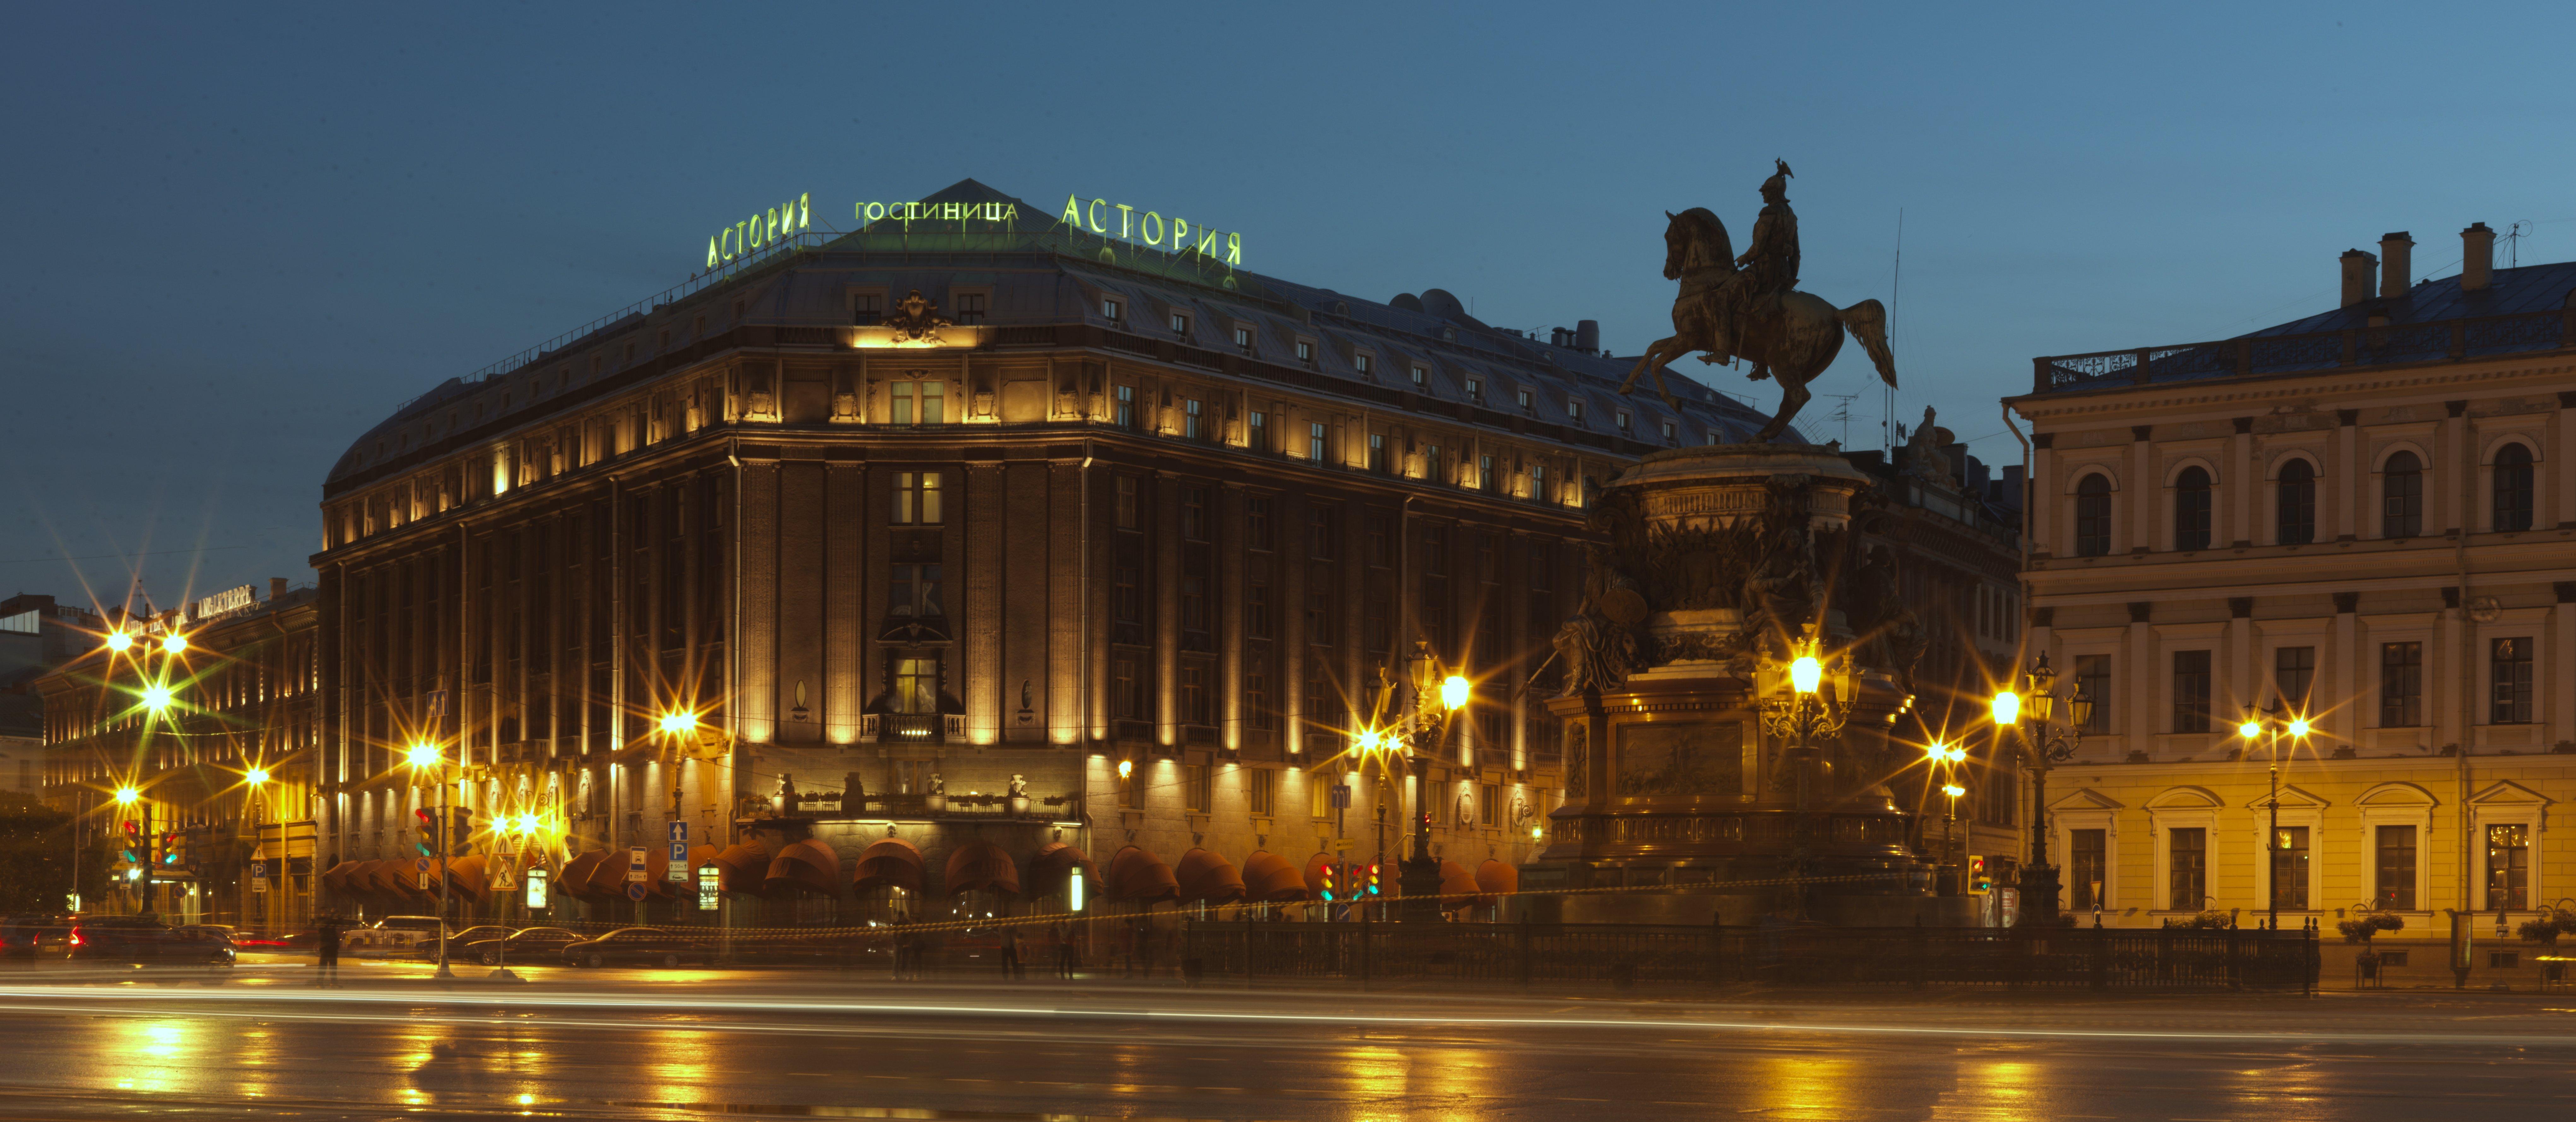 rocco-forte-astoria-hotel-russia